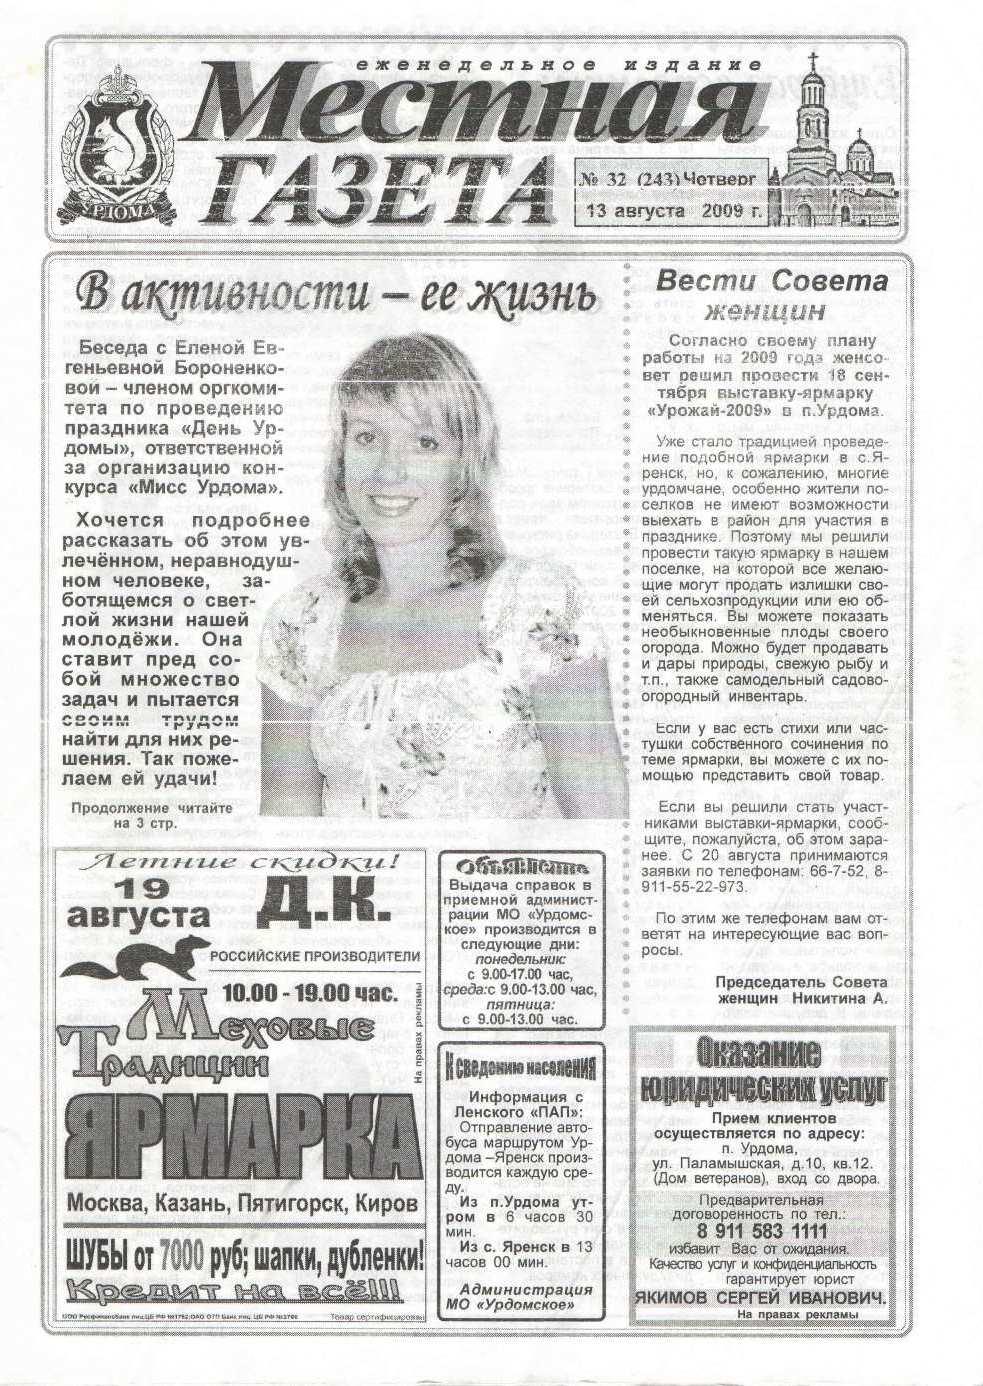 Местная газета ном. 32 (243) от 13.08.2009